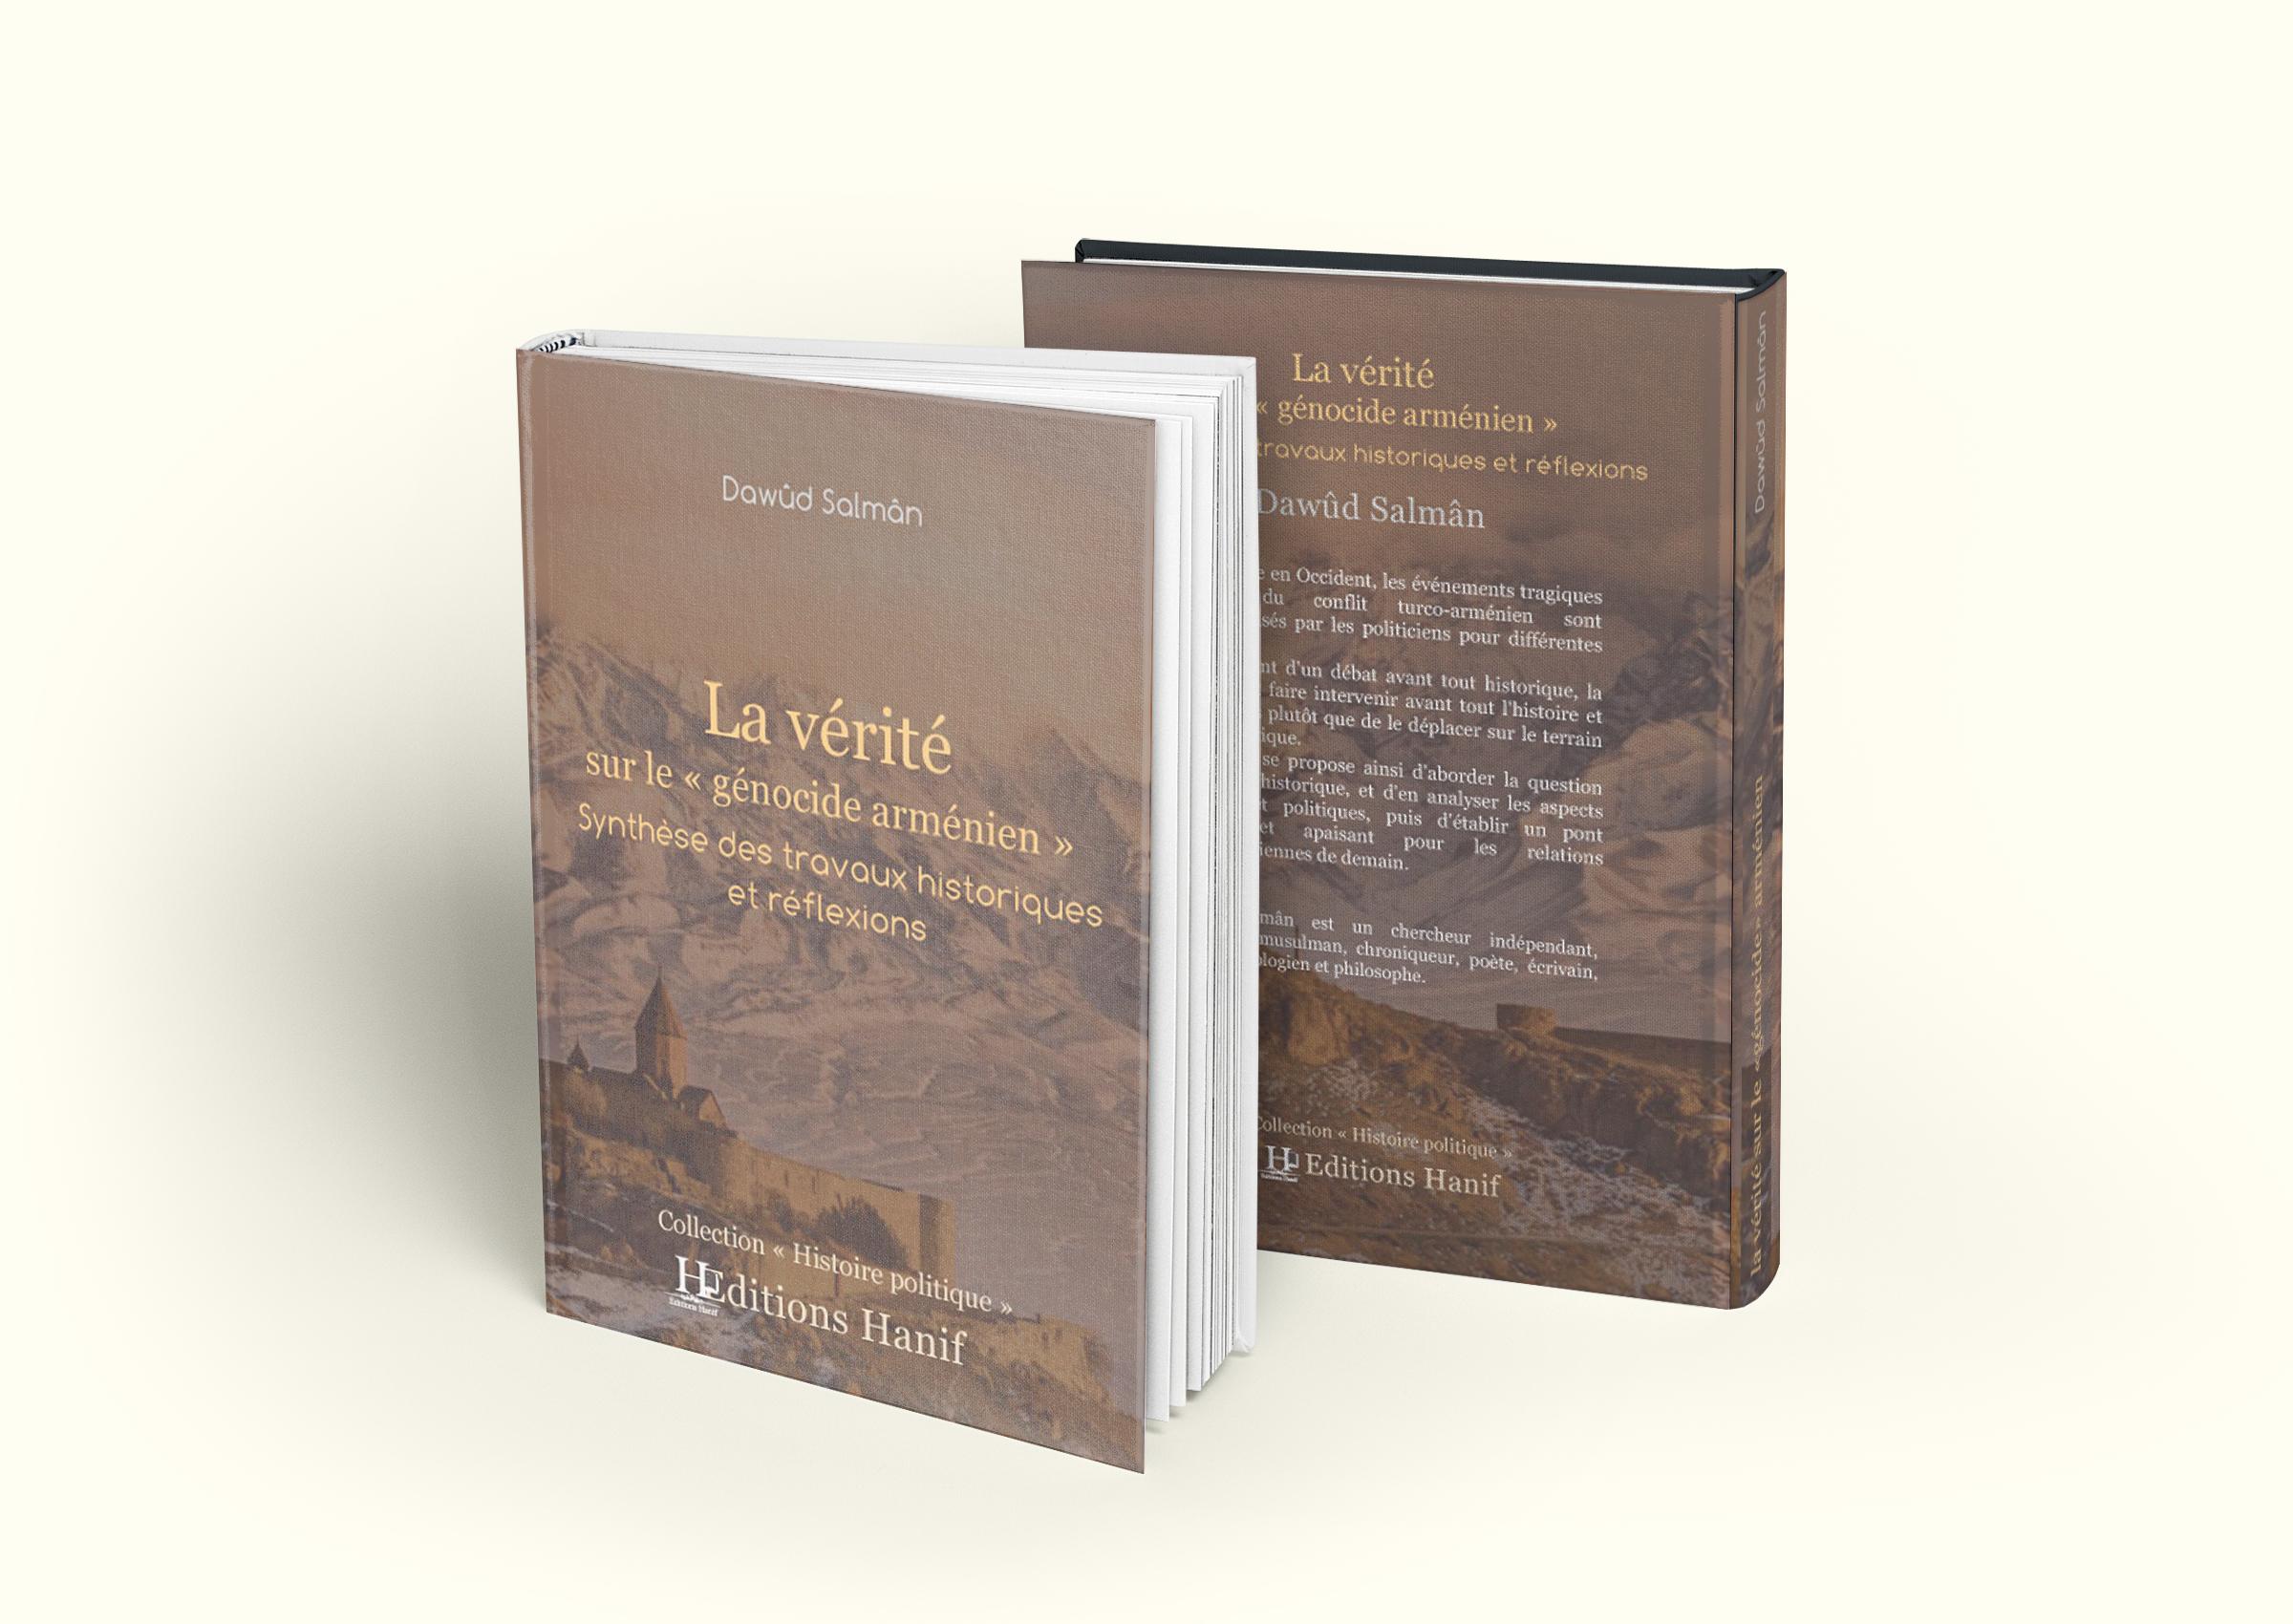 """Ebook """"La vérité sur le «génocide arménien», Synthèse des travaux historiques et réflexions"""", de Dawûd Salmân"""